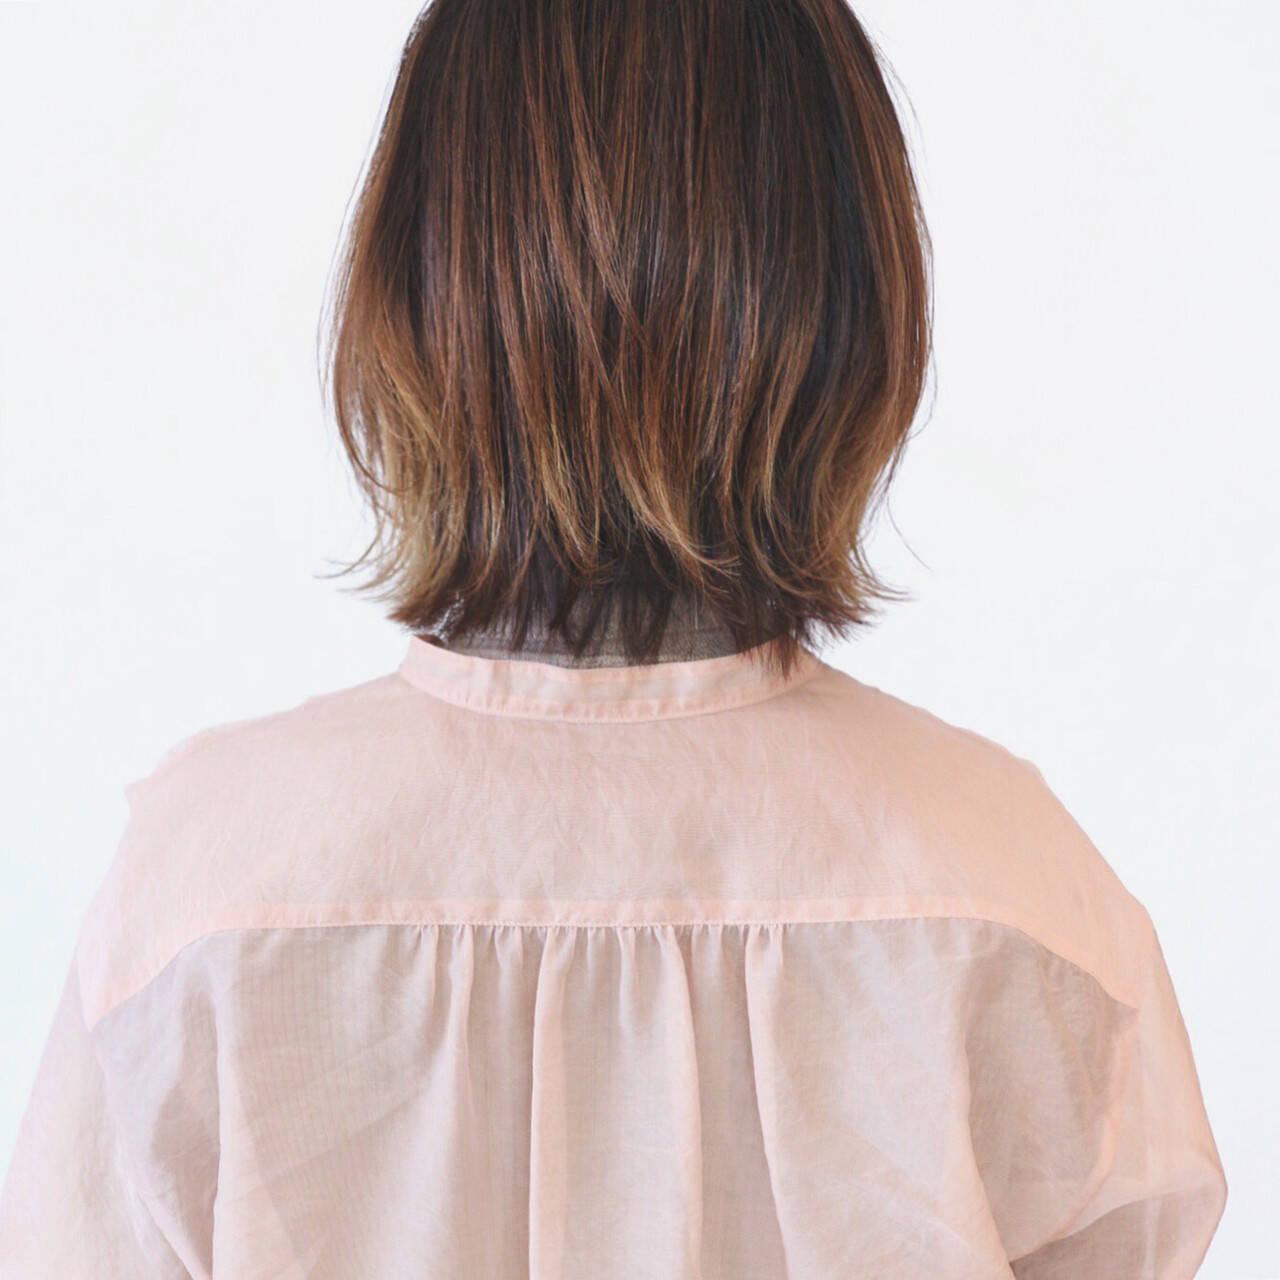 ストリート インナーカラー ウルフカット グラデーションカラーヘアスタイルや髪型の写真・画像